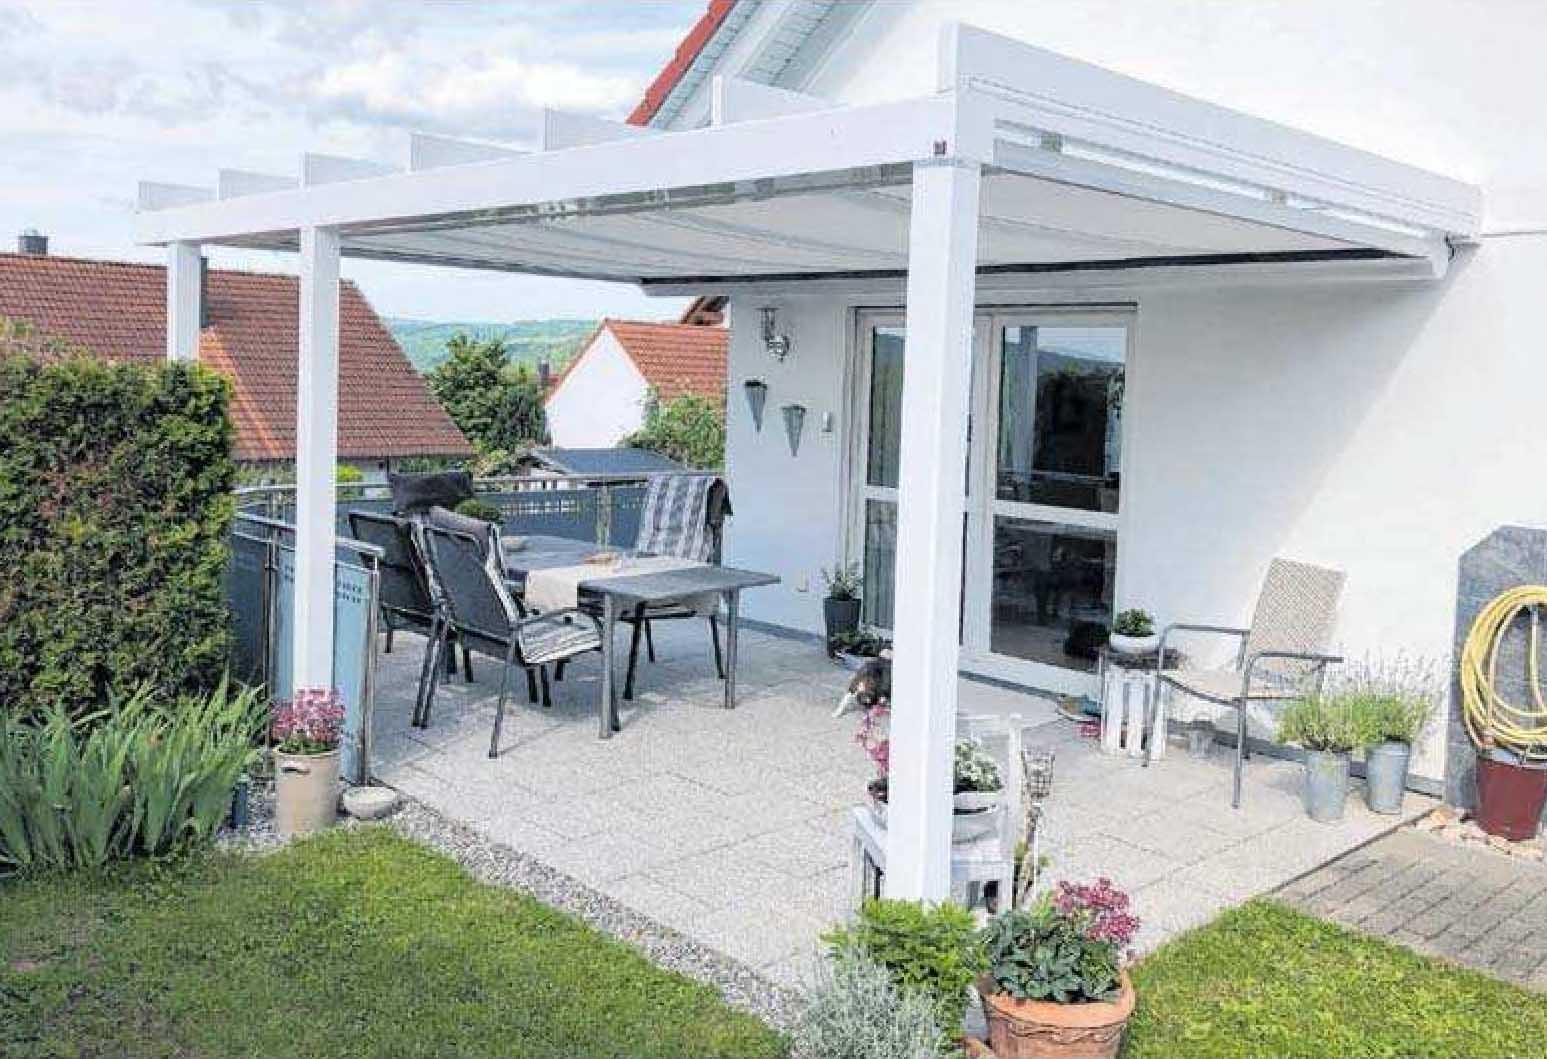 Statt Sonnensegel: Bei Möhn lernt man die zahlreichen Möglichkeiten für die Beschattung einer Terrasse kennen.